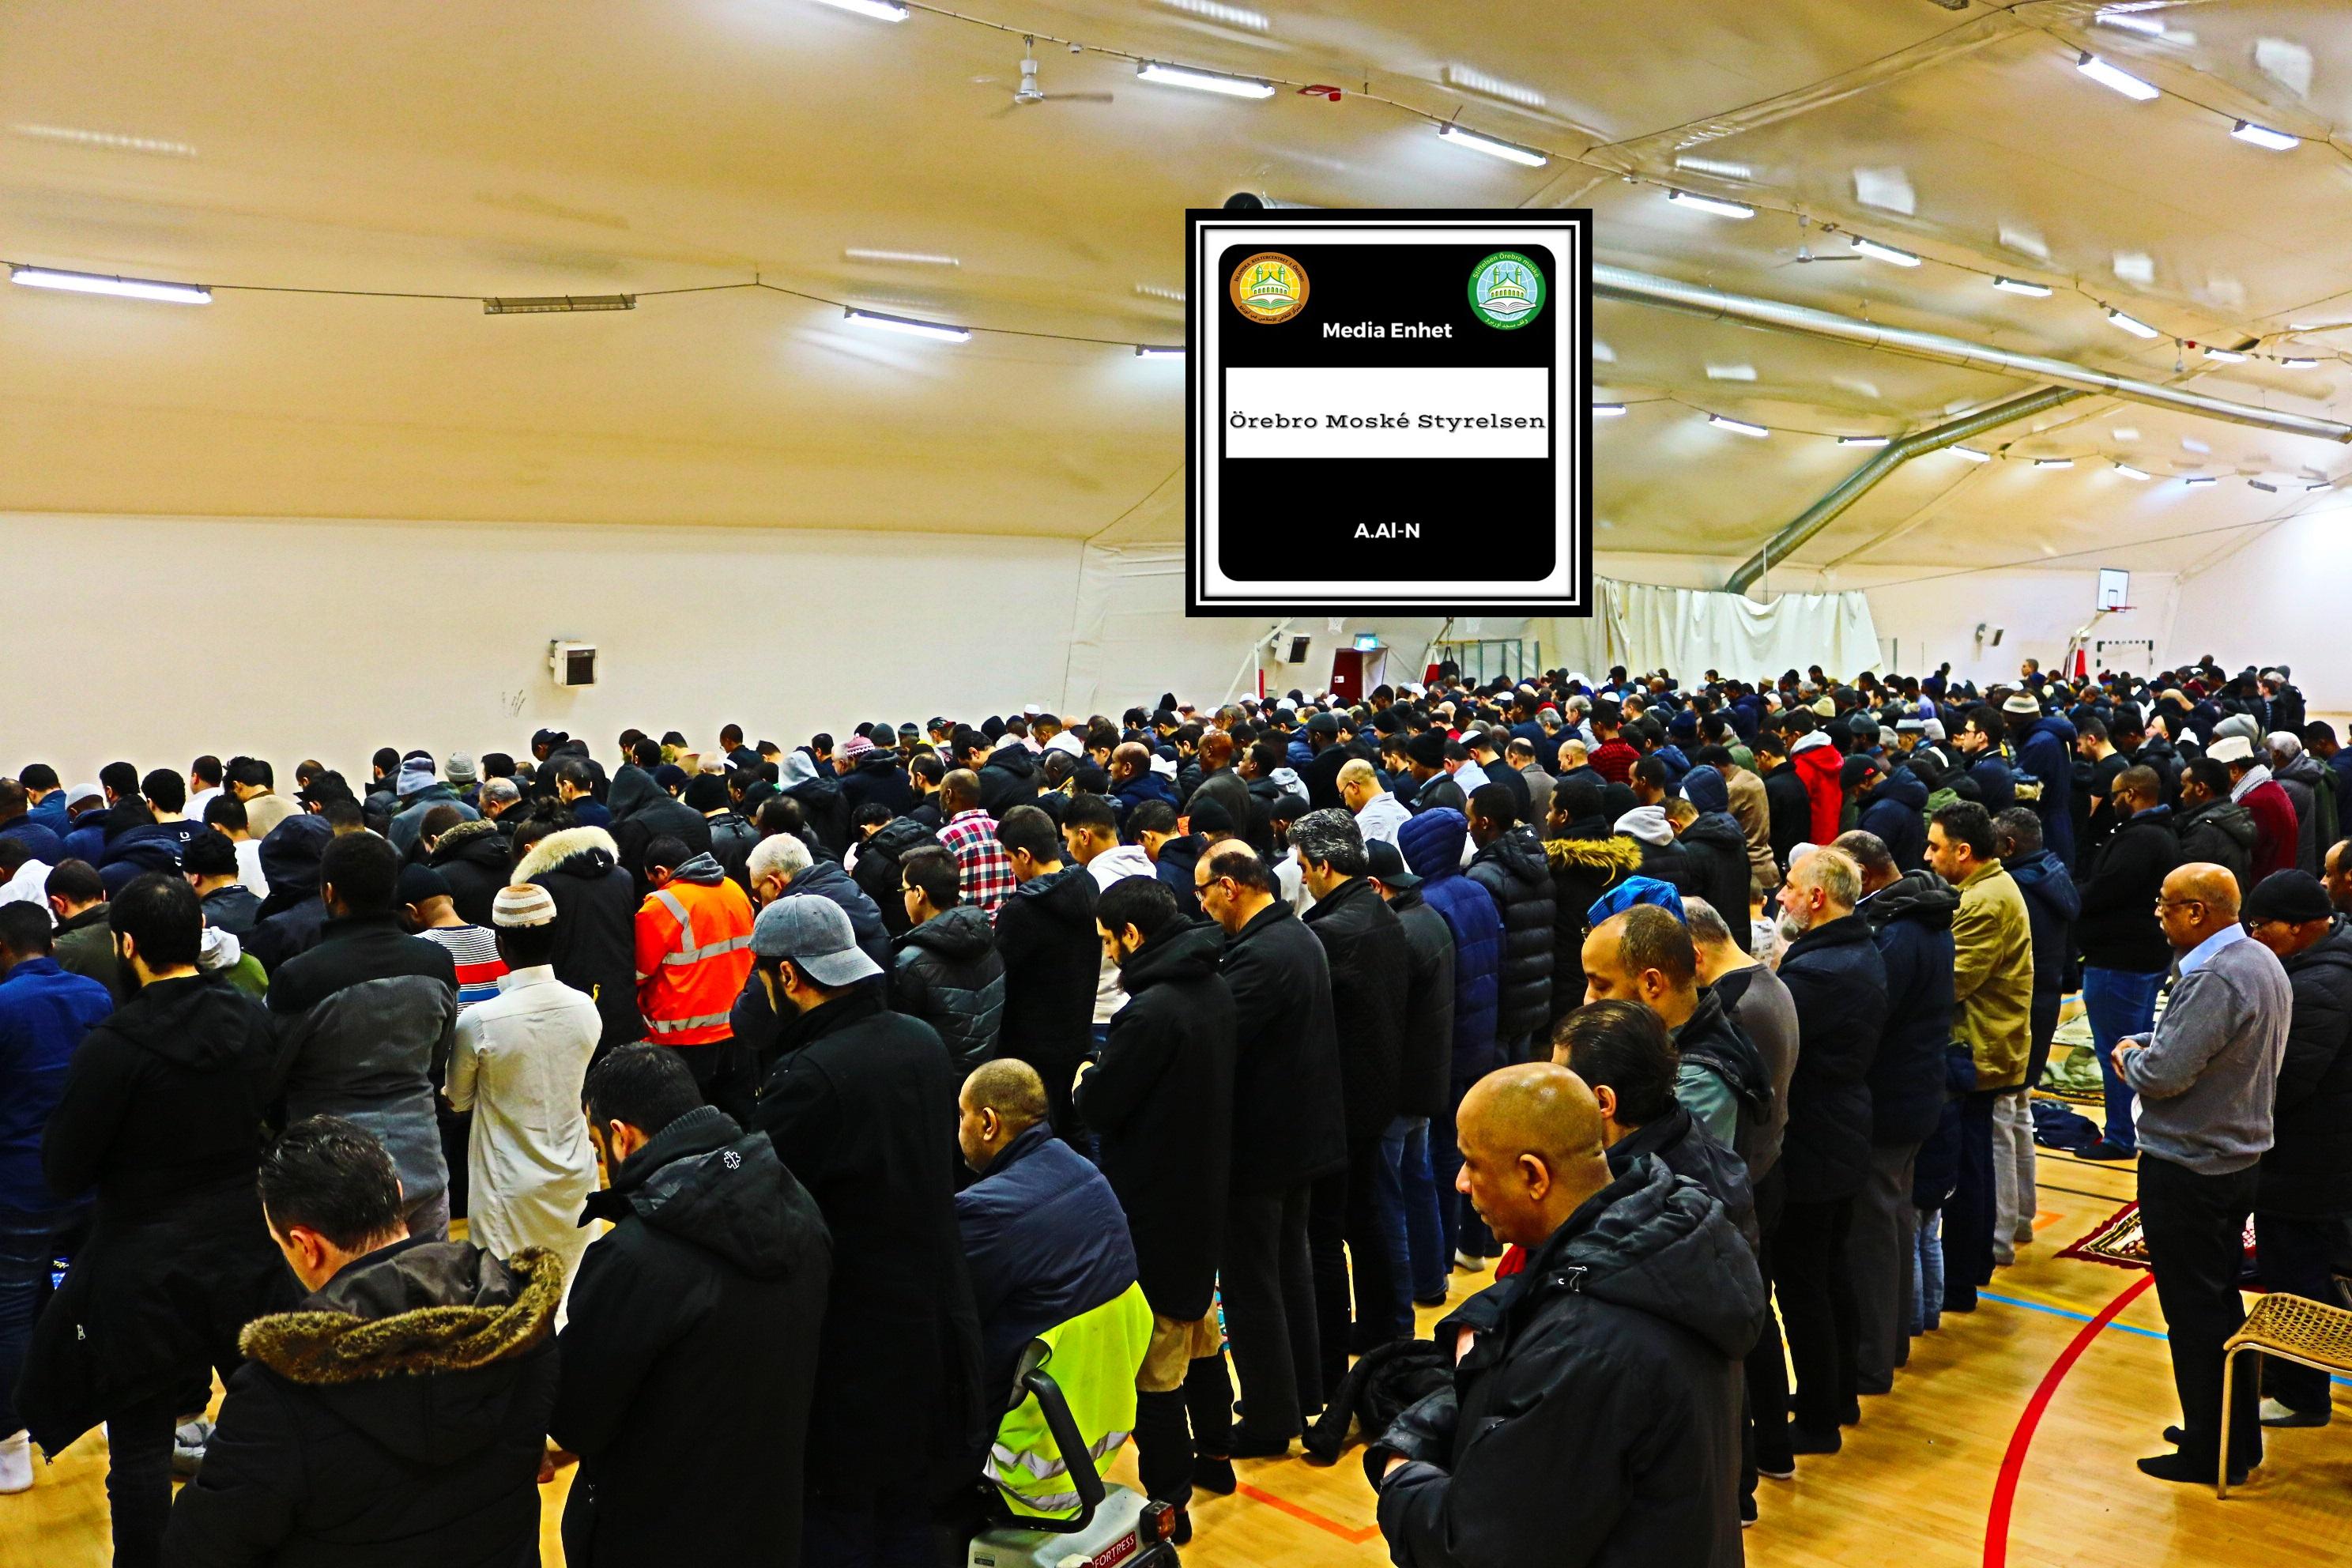 القران عصمة ونجاة Shekh, Dr. Mohammed Salih 19/01/2018 *************************** Friday Bön - Friday Prayers صلاة الجمعة *************************** Ballonghallen i Örebro